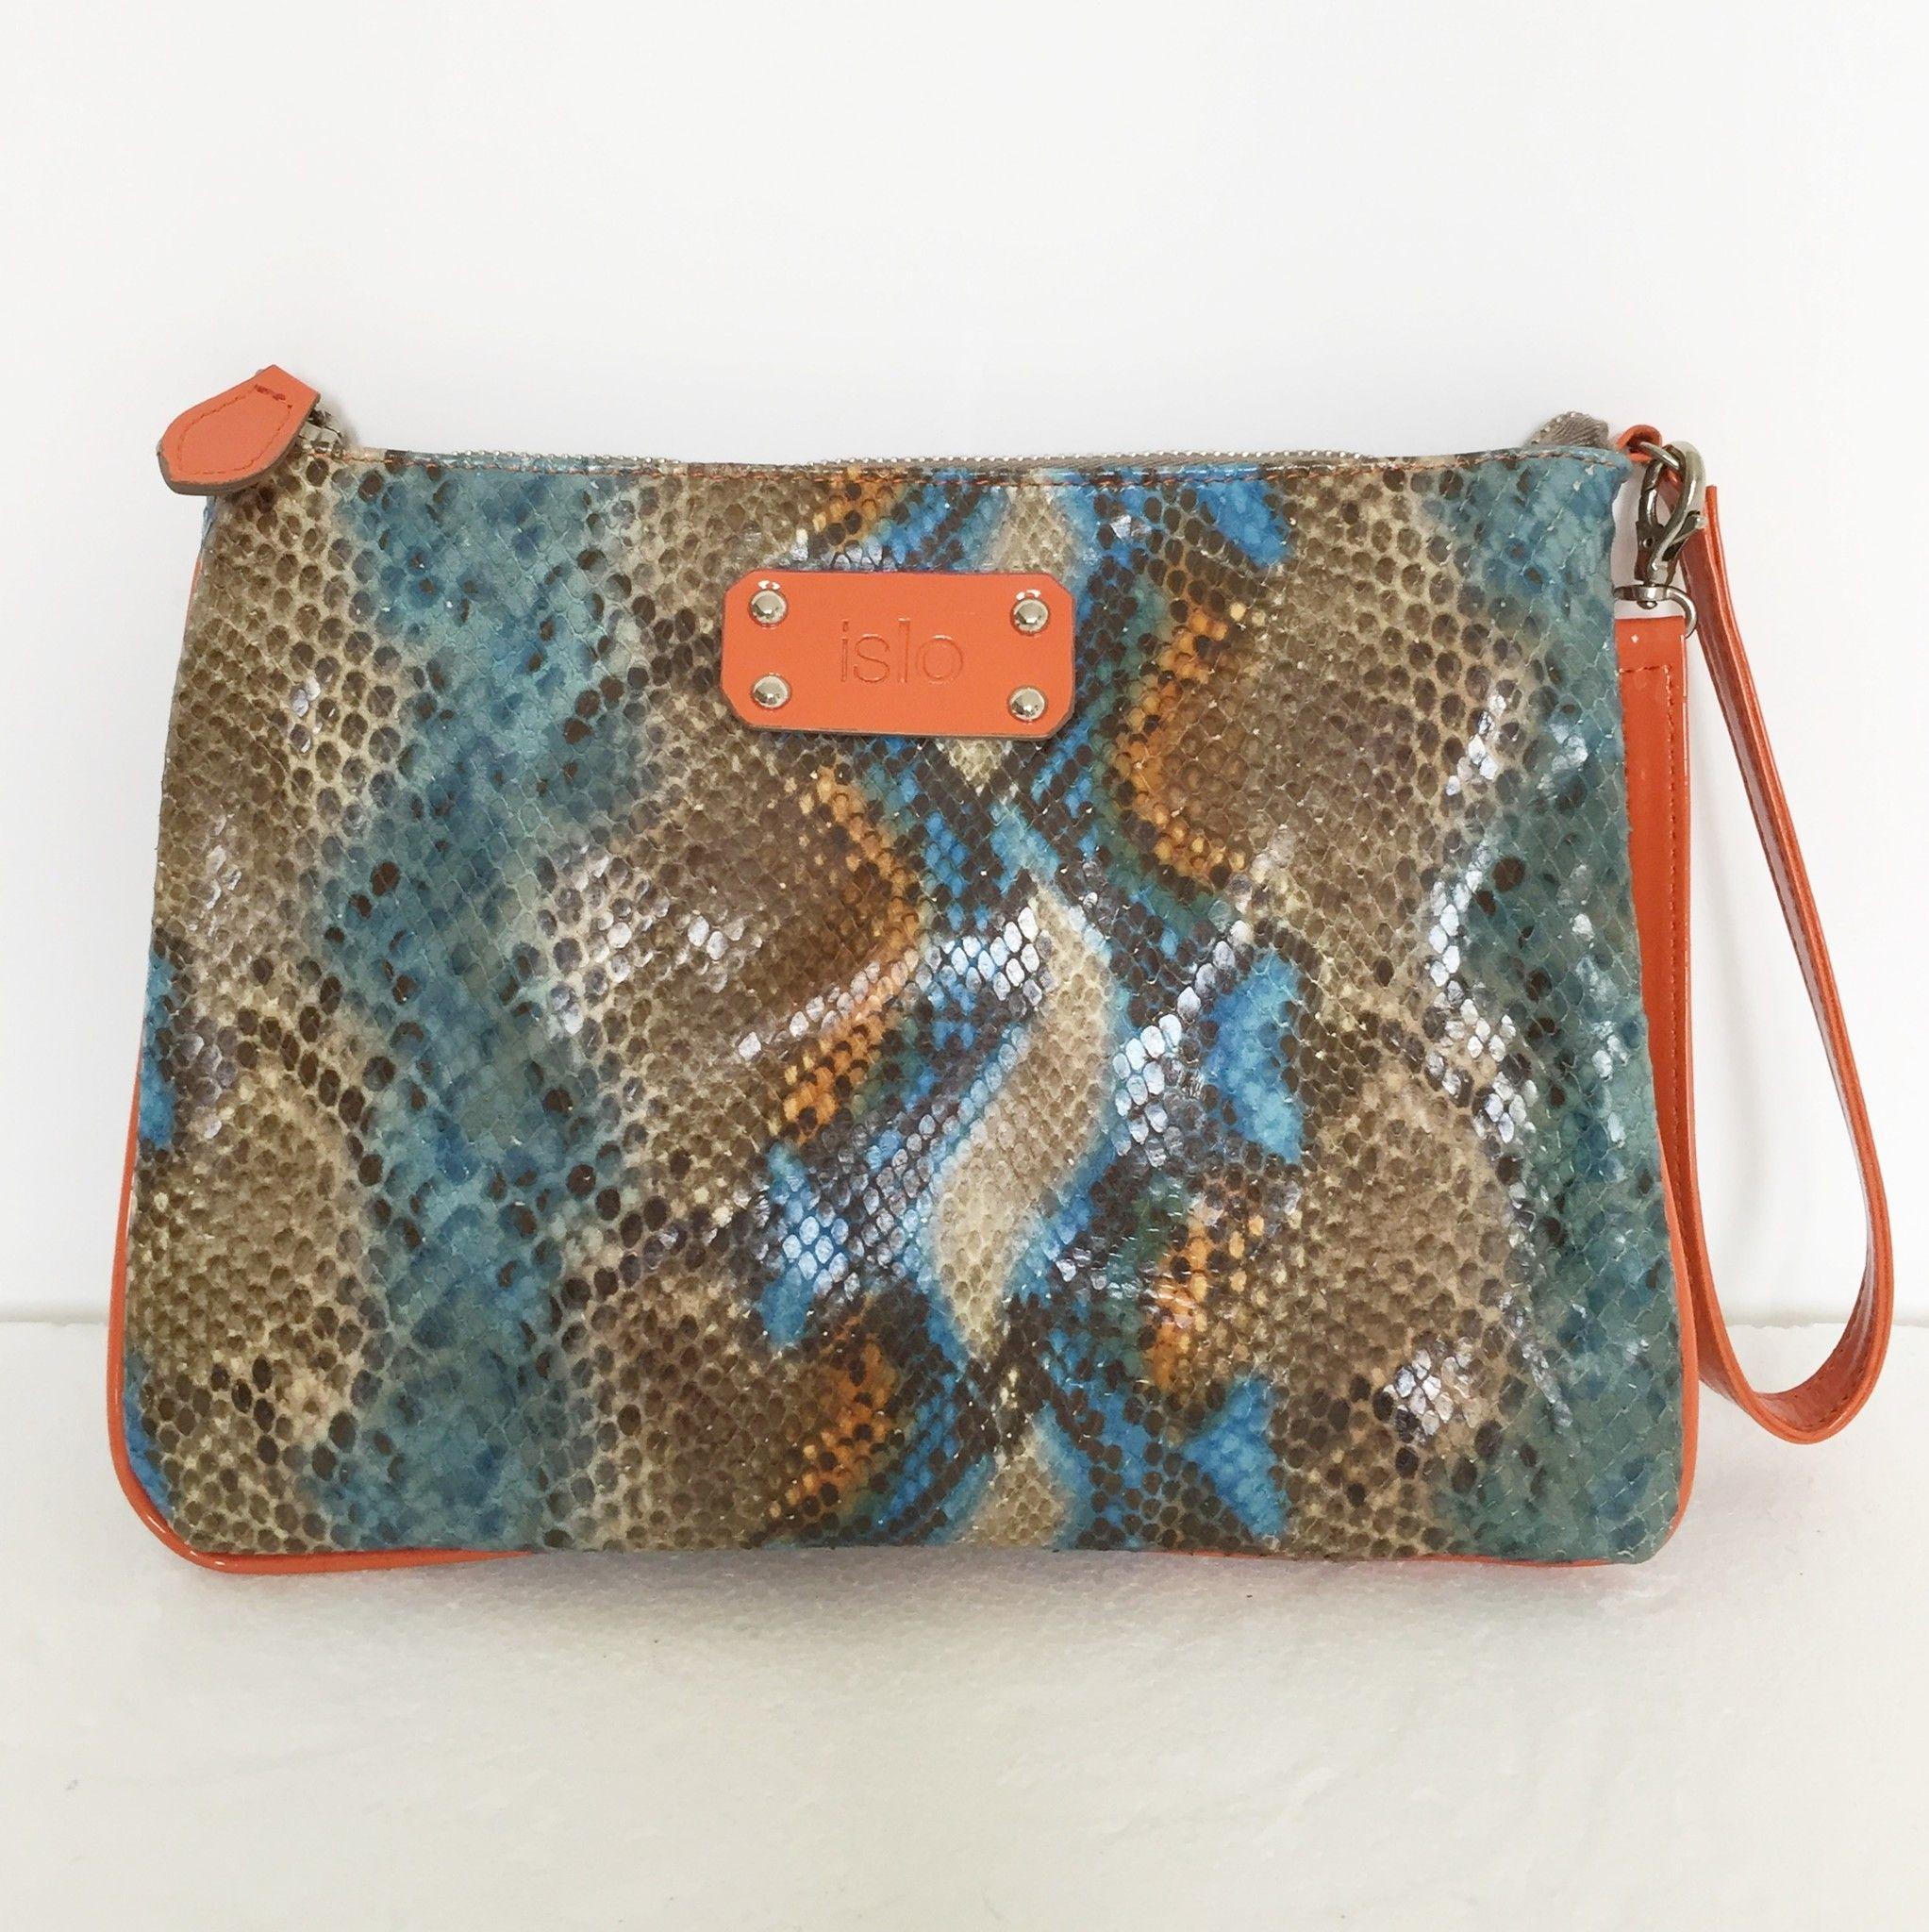 ISLO Python print leather clutch bag Cod.5963